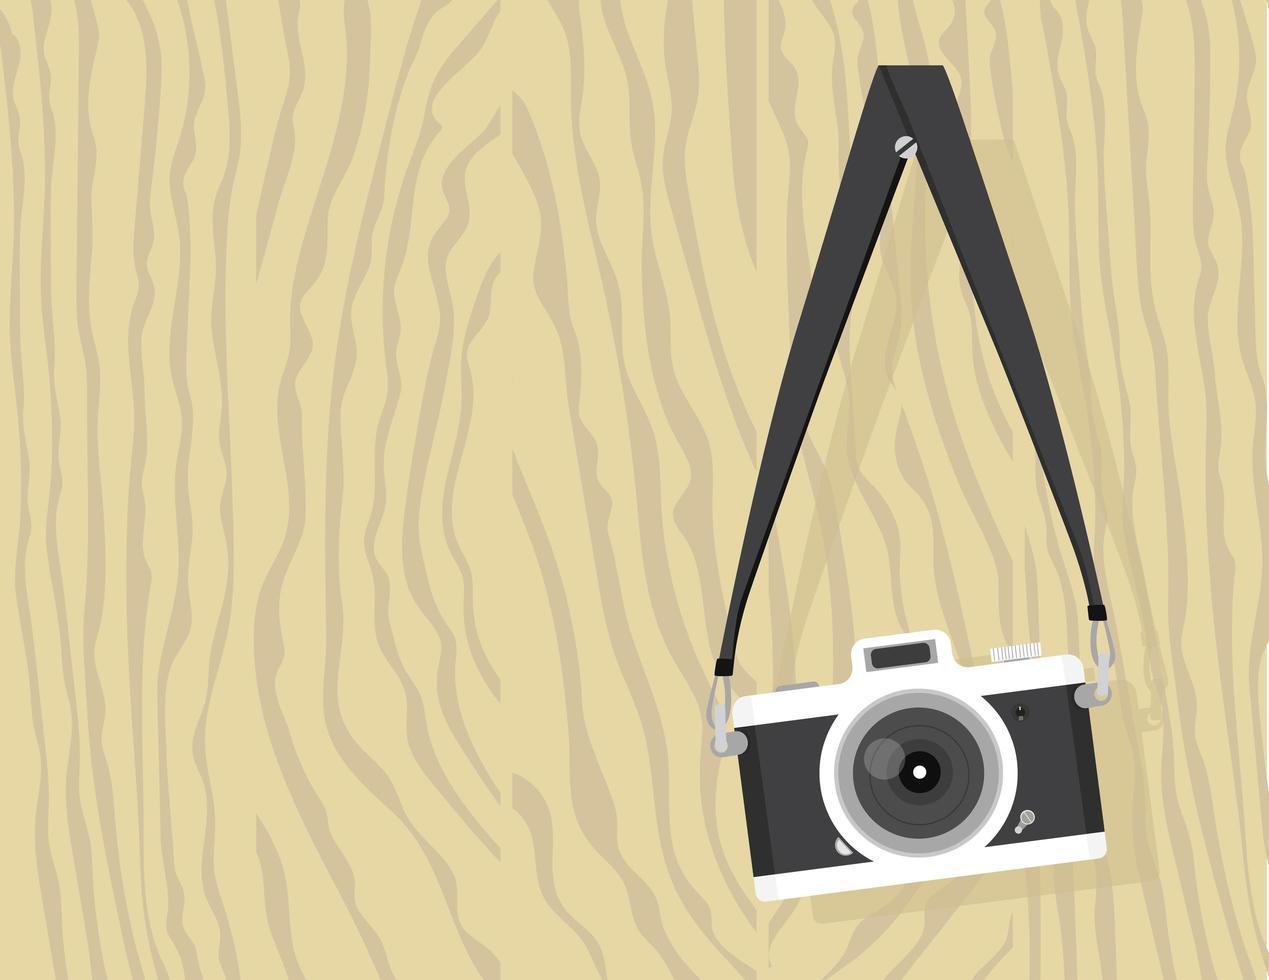 câmera vintage pendurada em um parafuso em uma placa de madeira vetor